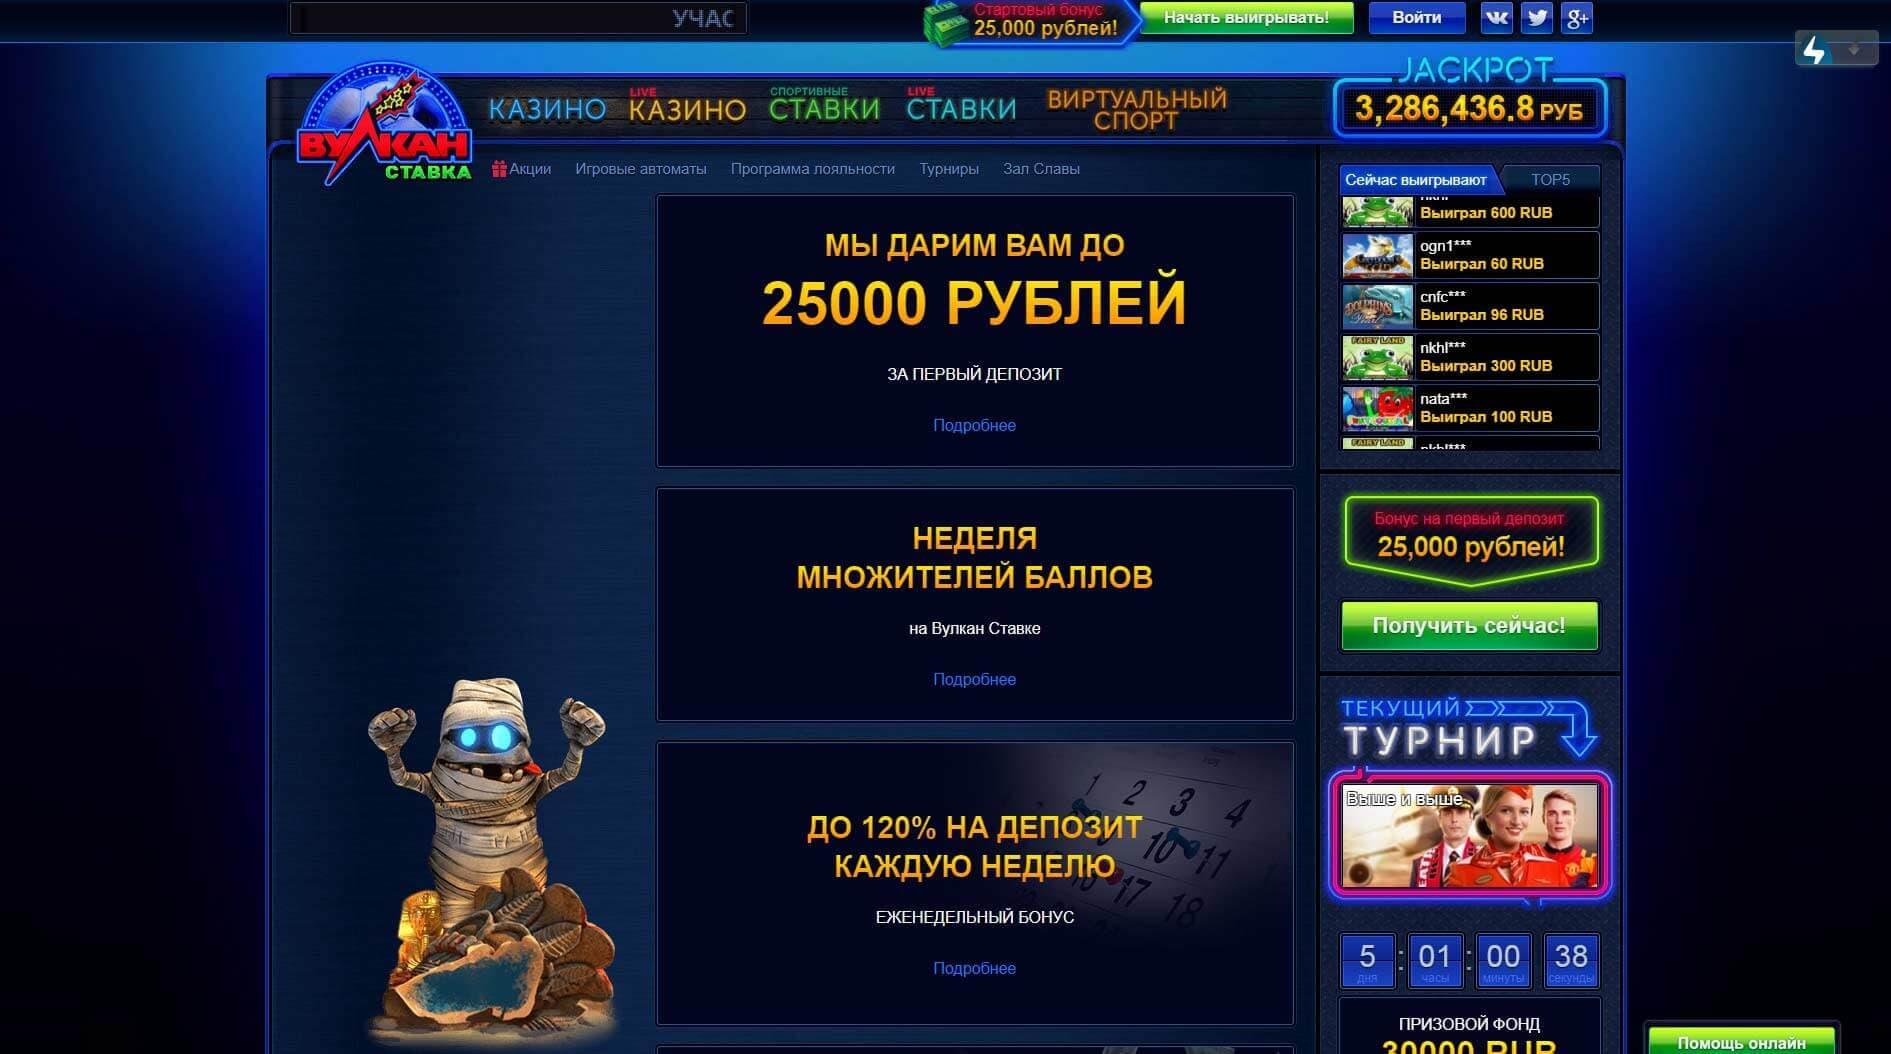 официальный сайт интернет казино ставки в рублях